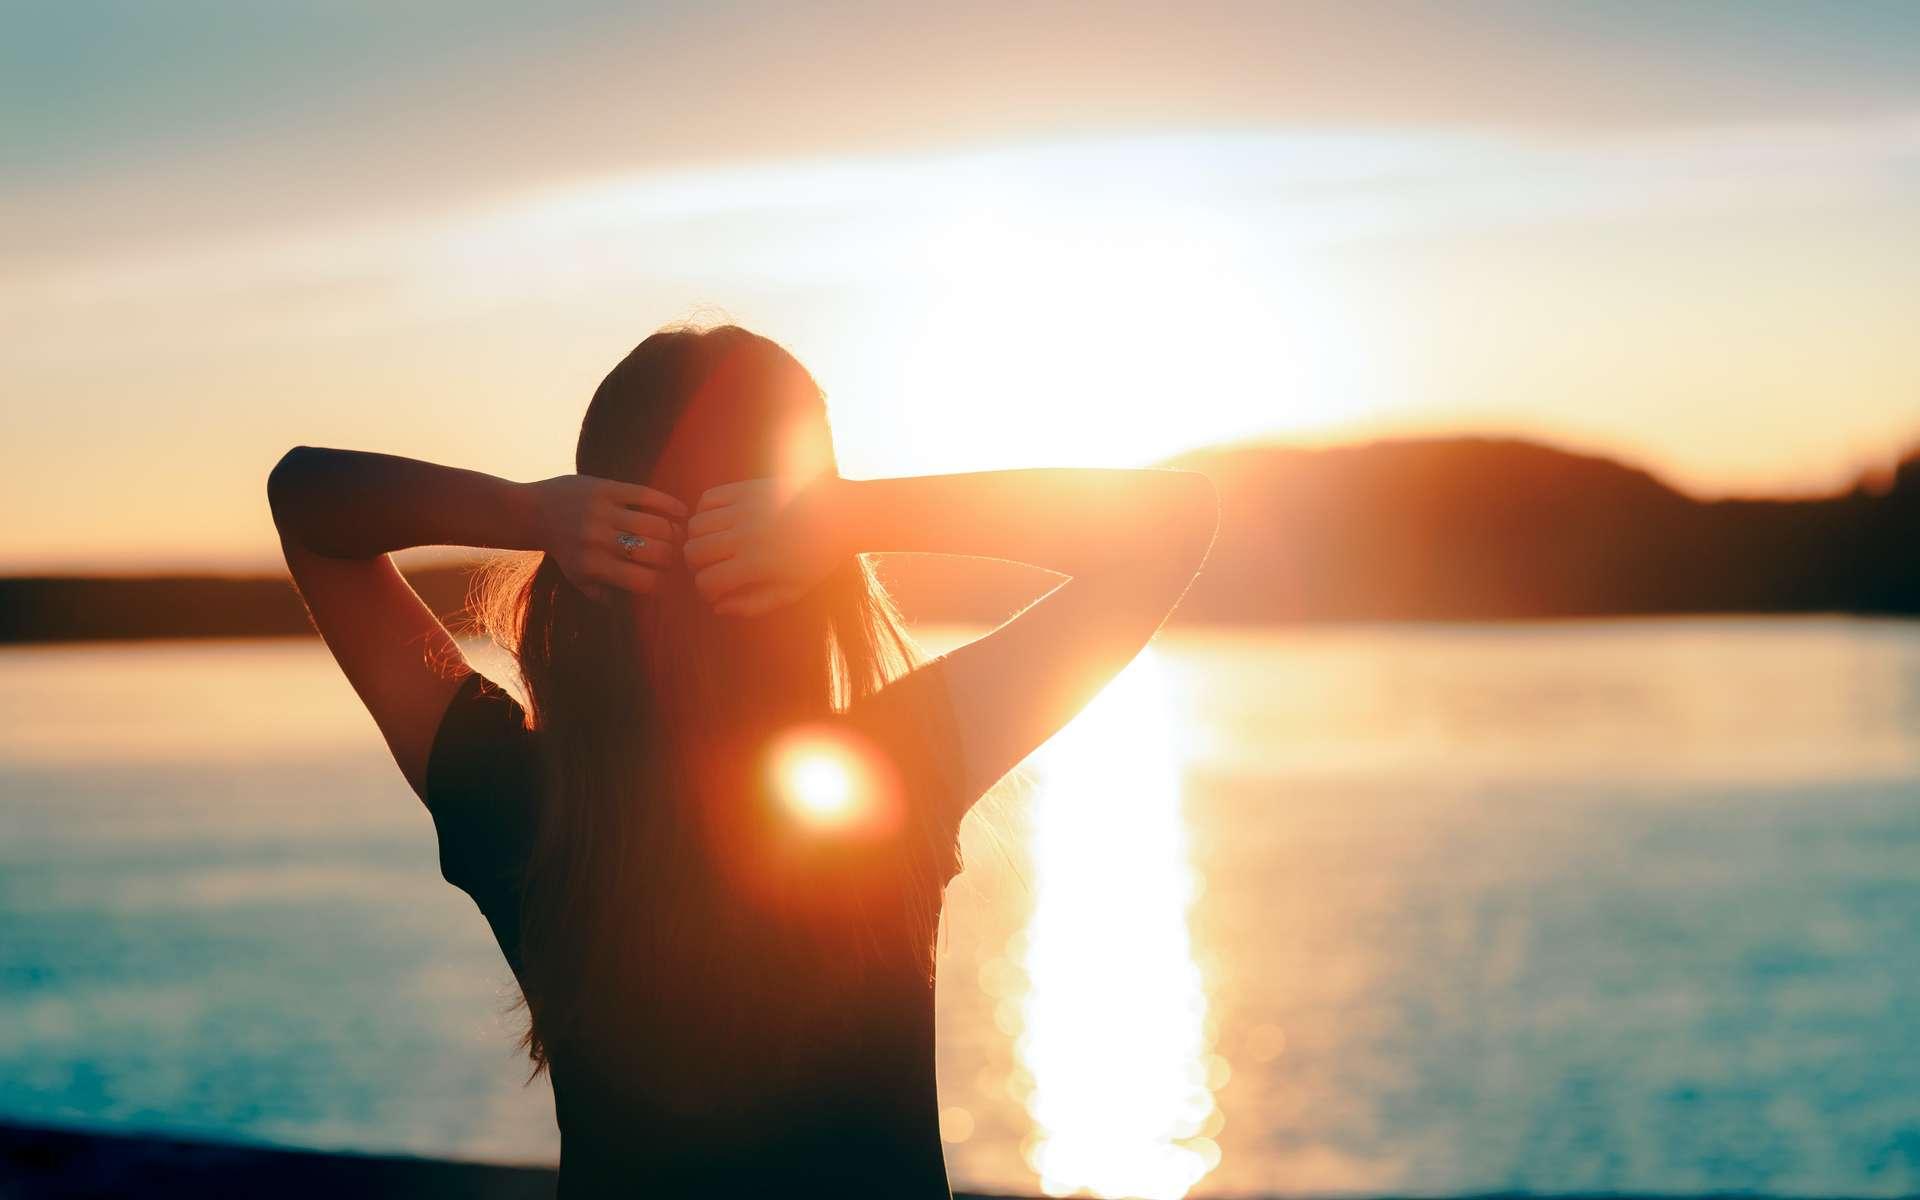 Des travaux menés par des chercheurs montrent une corrélation forte entre carence en vitamine D, que l'on trouve dans de nombreux aliments gras, et formes sévères de Covid-19. © nicoletaionescu, Adobe Stock